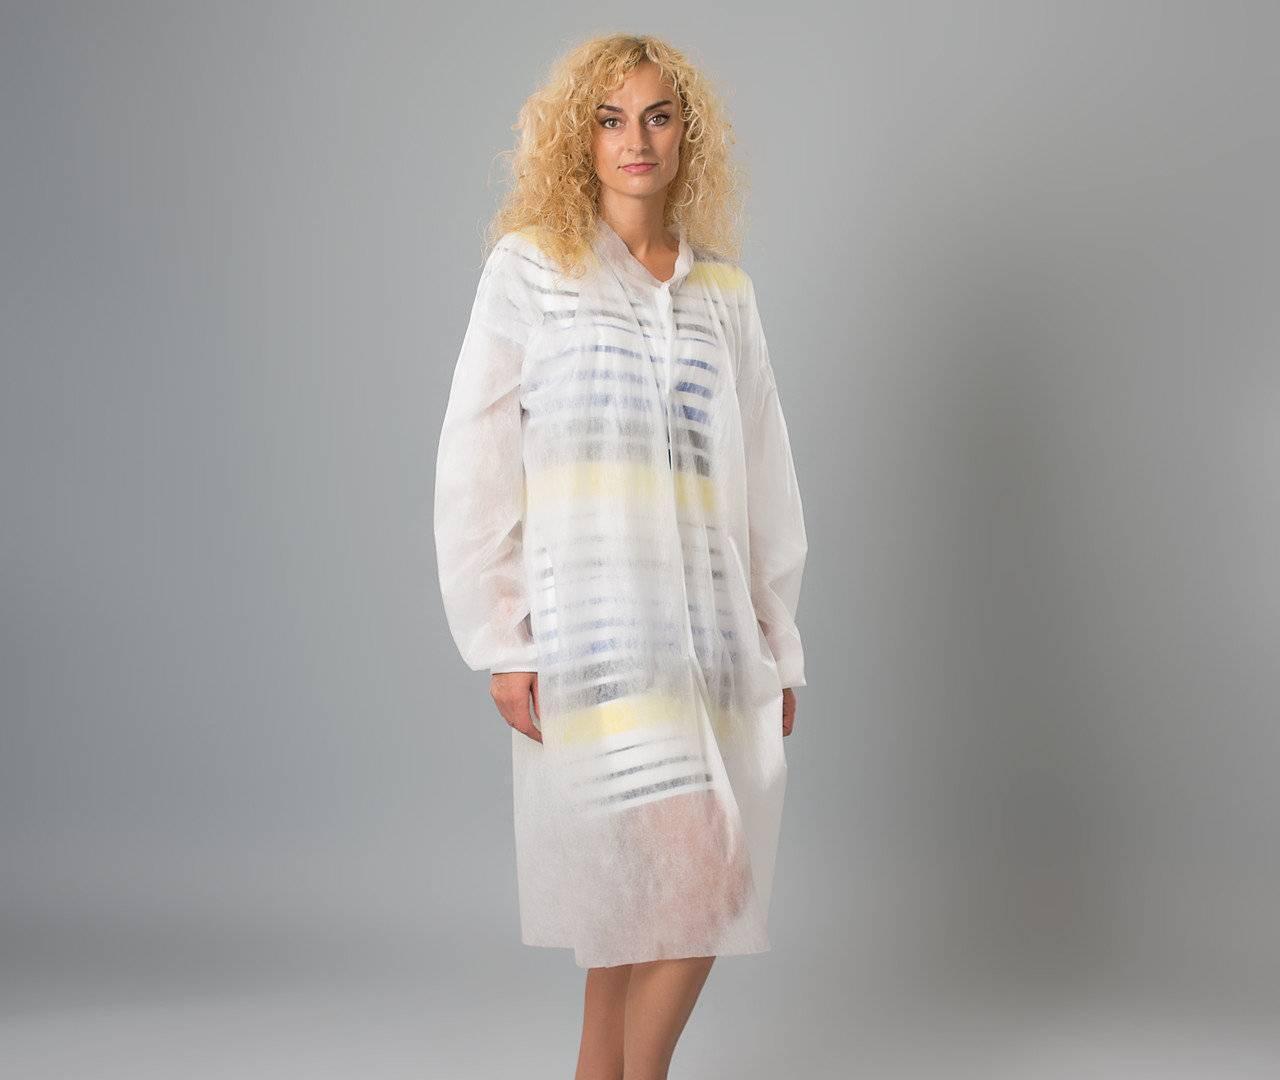 Защитный халат из нетканого материала для посетителя на кнопках Polix PRO&MED 25 г/м² белый